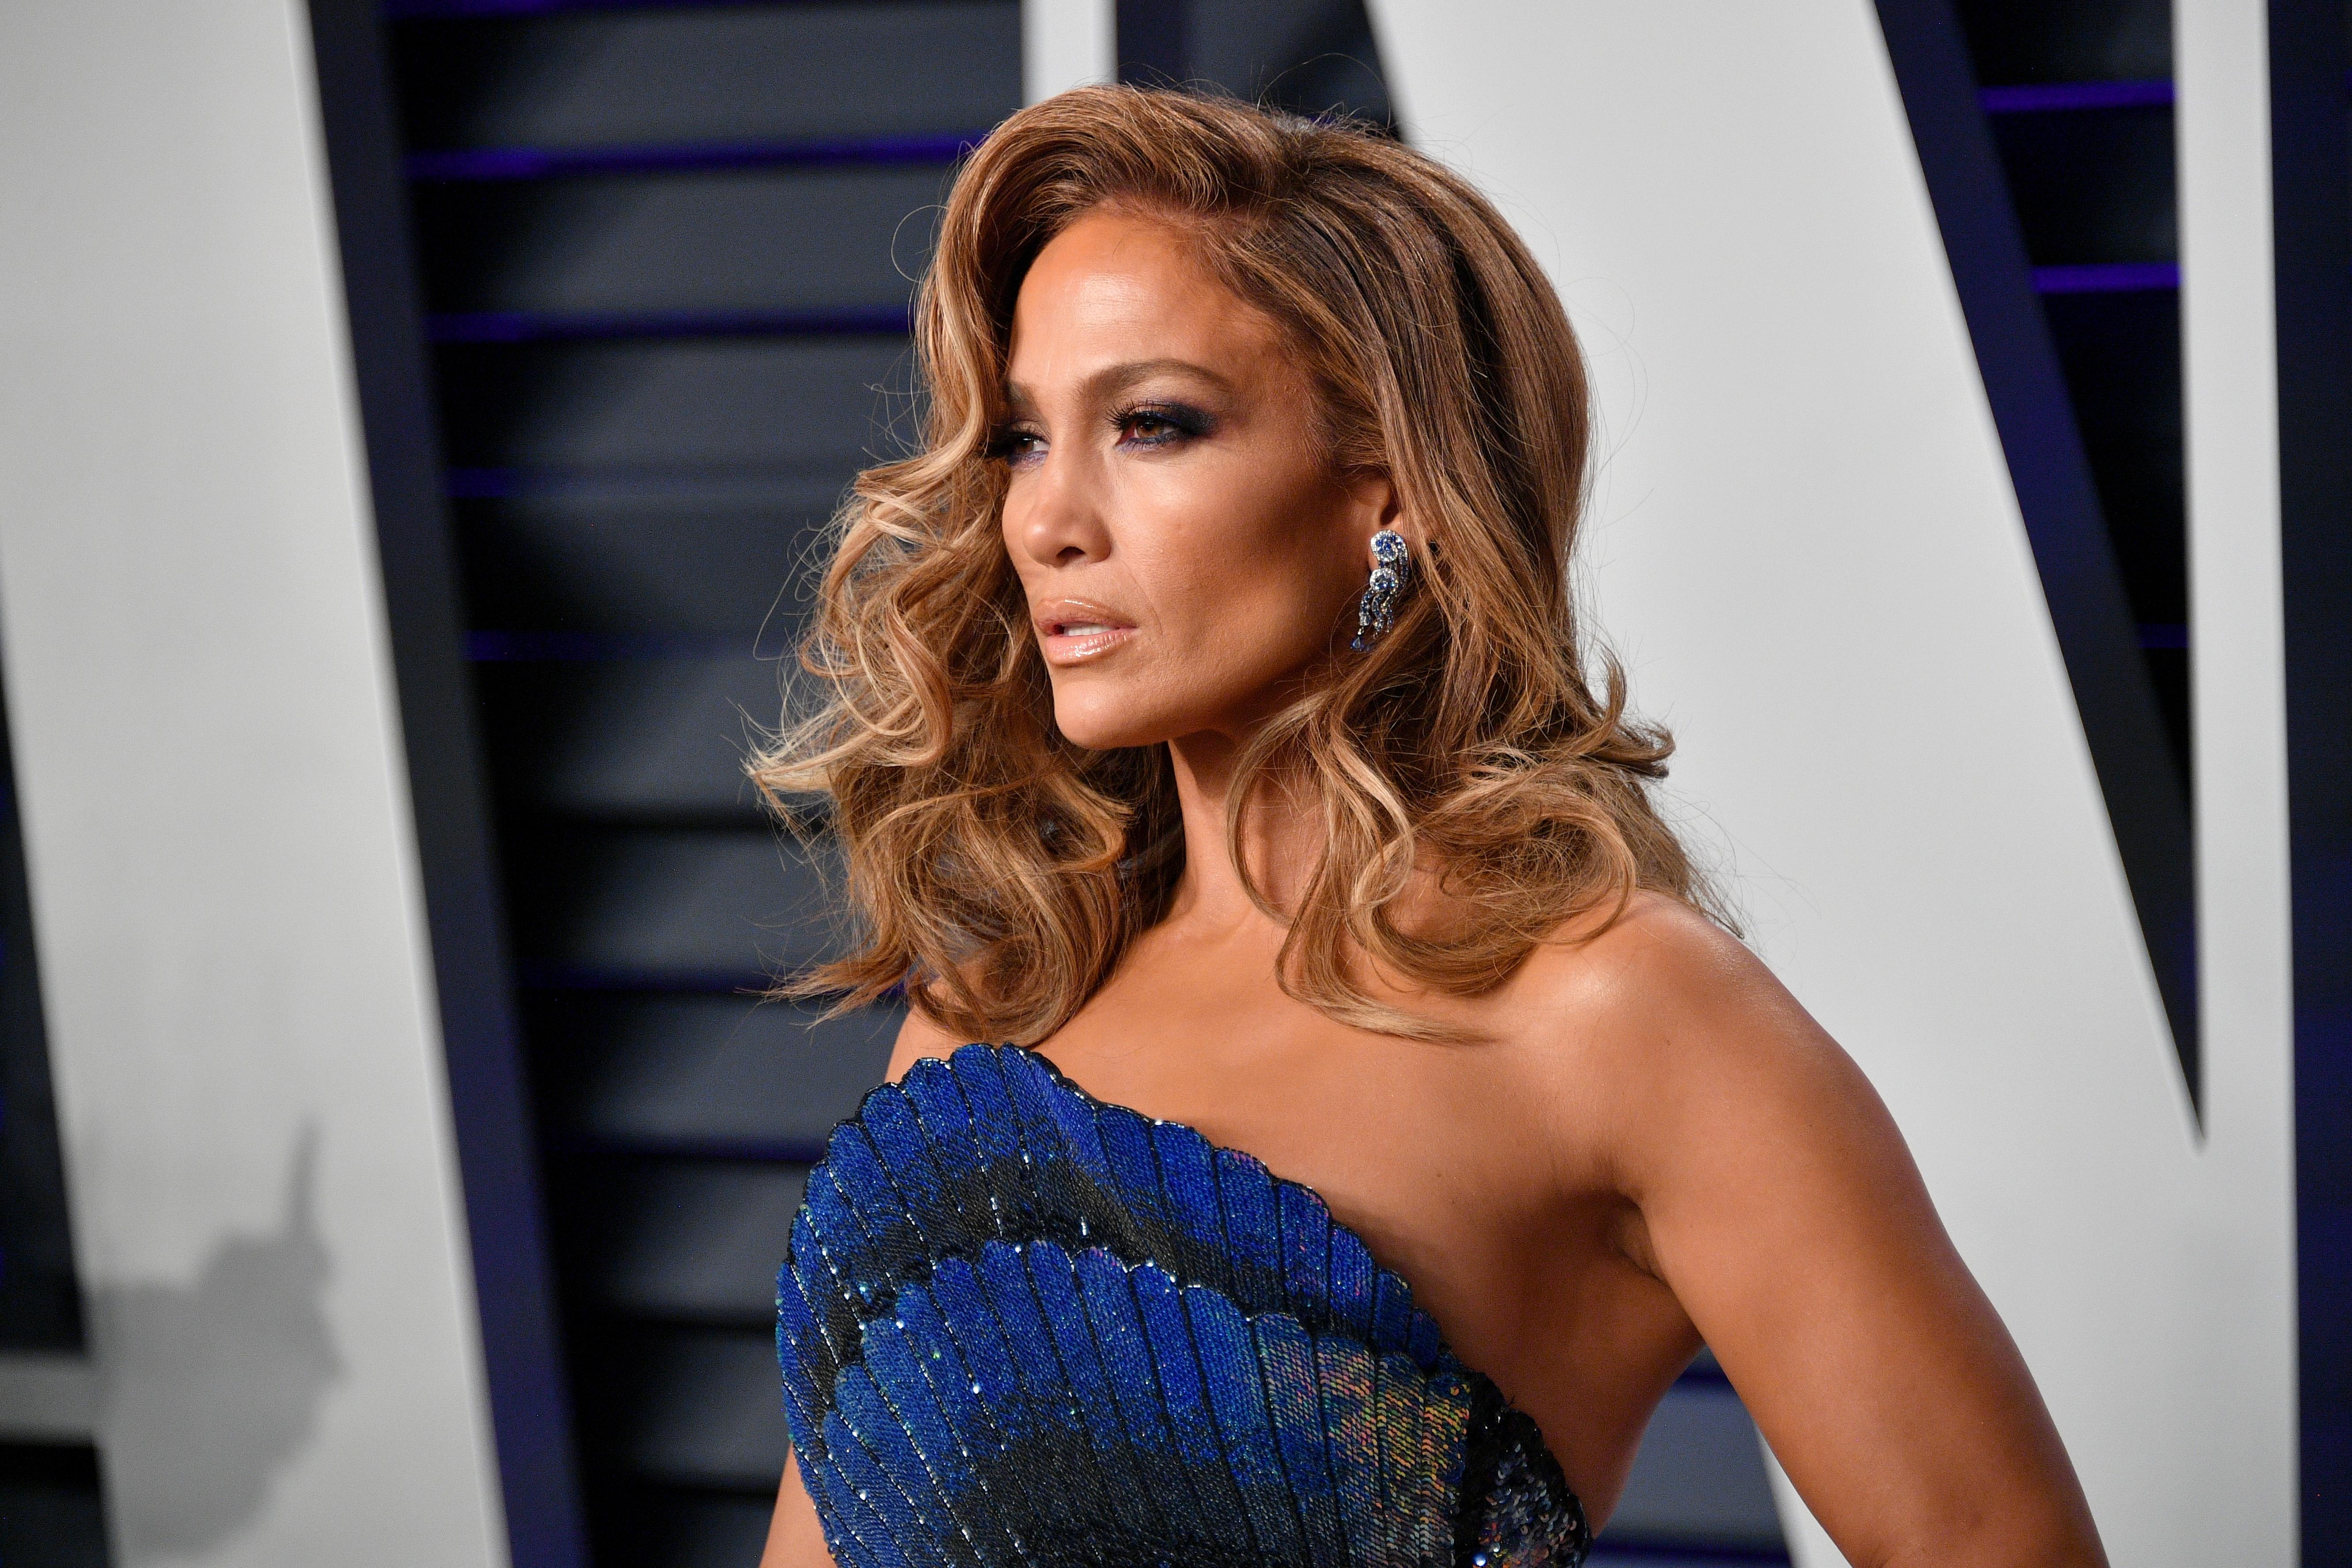 Сияющий макияж как у Дженнифер Лопес: секреты звездного визажиста